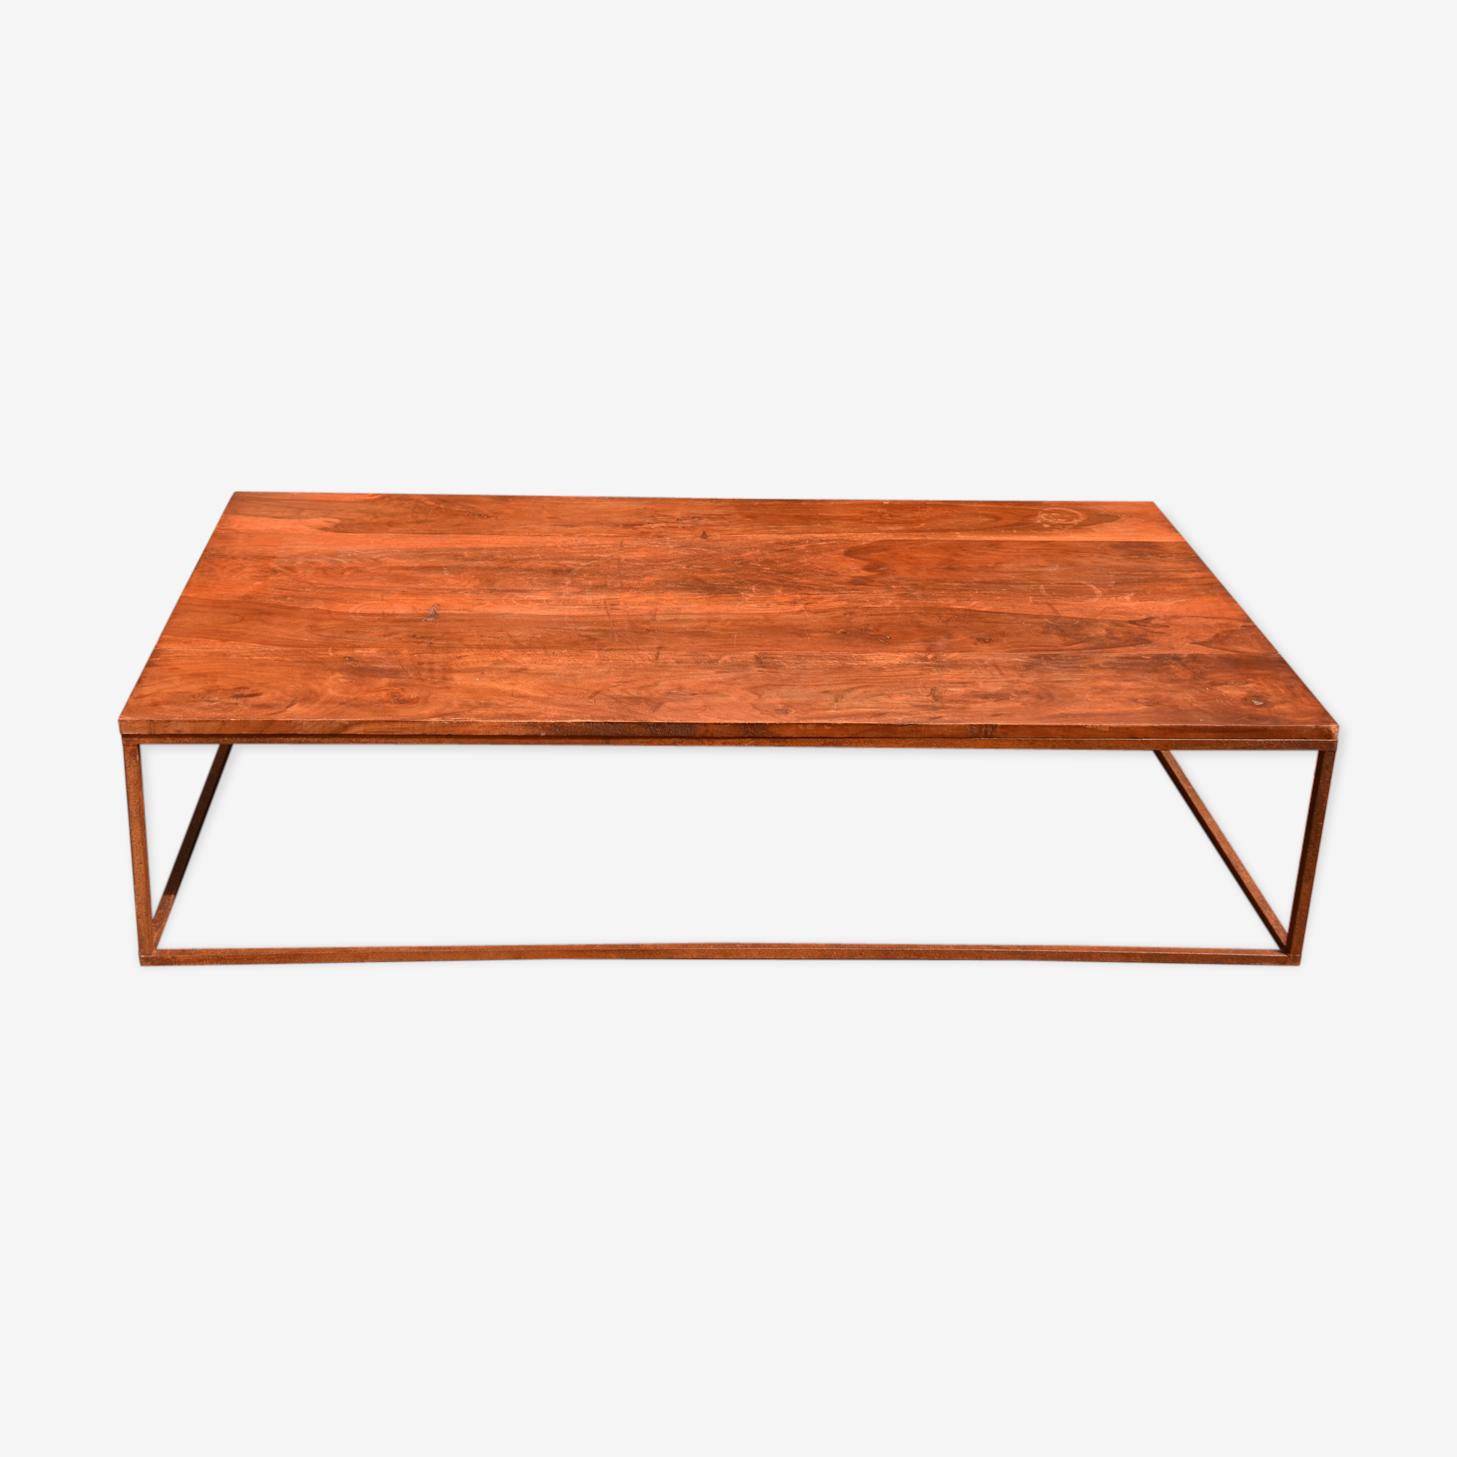 Table basse teck et métal esprit industriel